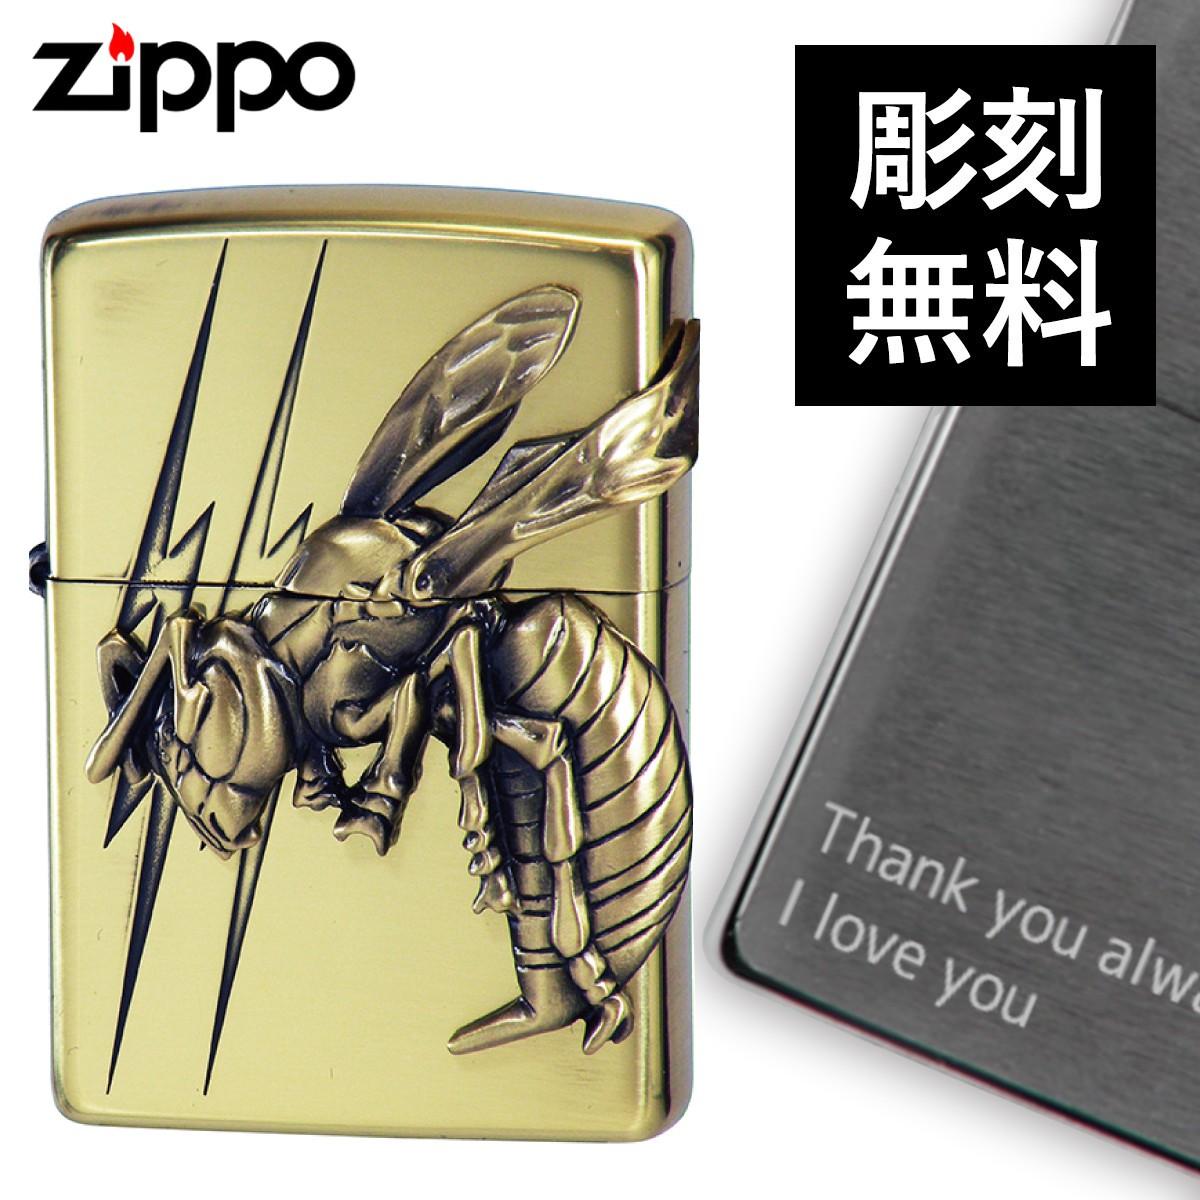 zippo ジッポー ライター 名入れ zippoライター Zippoライター スズメバチ 蜂 ヴェノム スコーピオン ホーネット ブラス ギフト プレゼント 贈り物 返品不可 彫刻 無料 名前 名入れ メッセージ